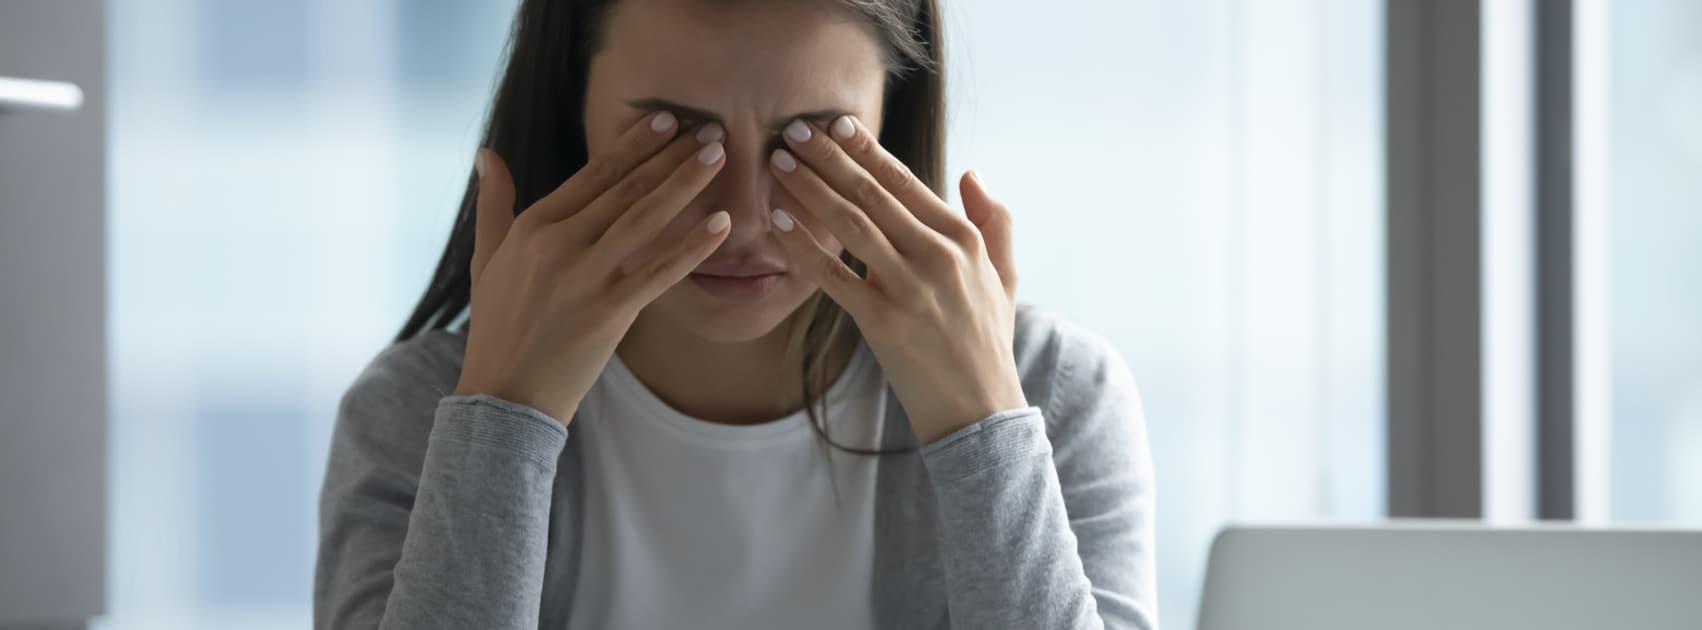 vrouw achter laptop wrijft in haar ogen